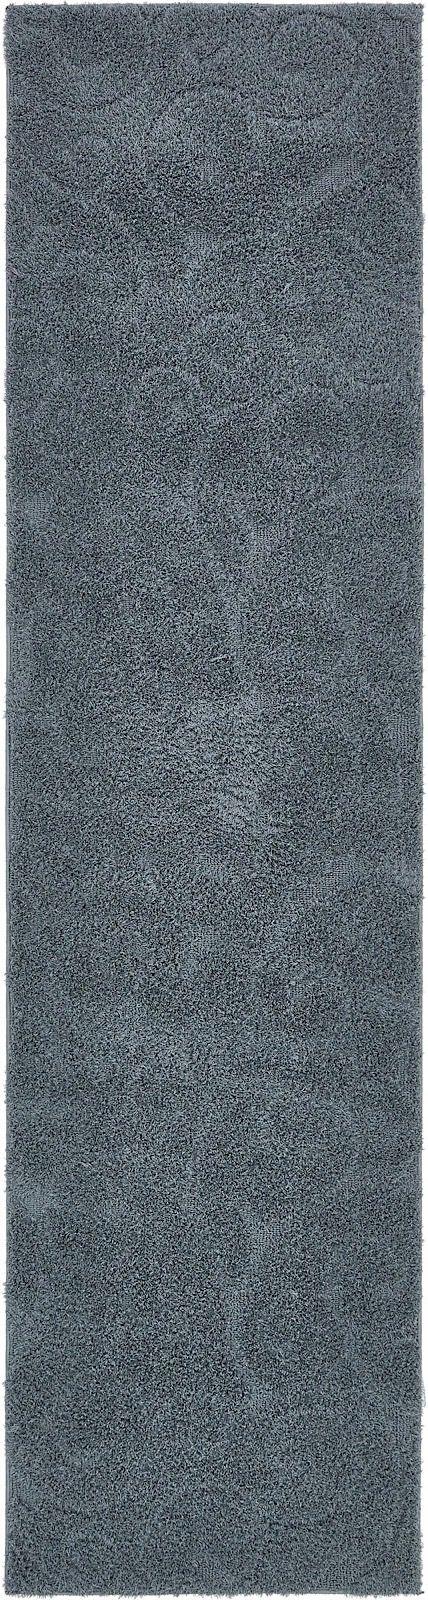 rugpal vine shag shag area rug collection